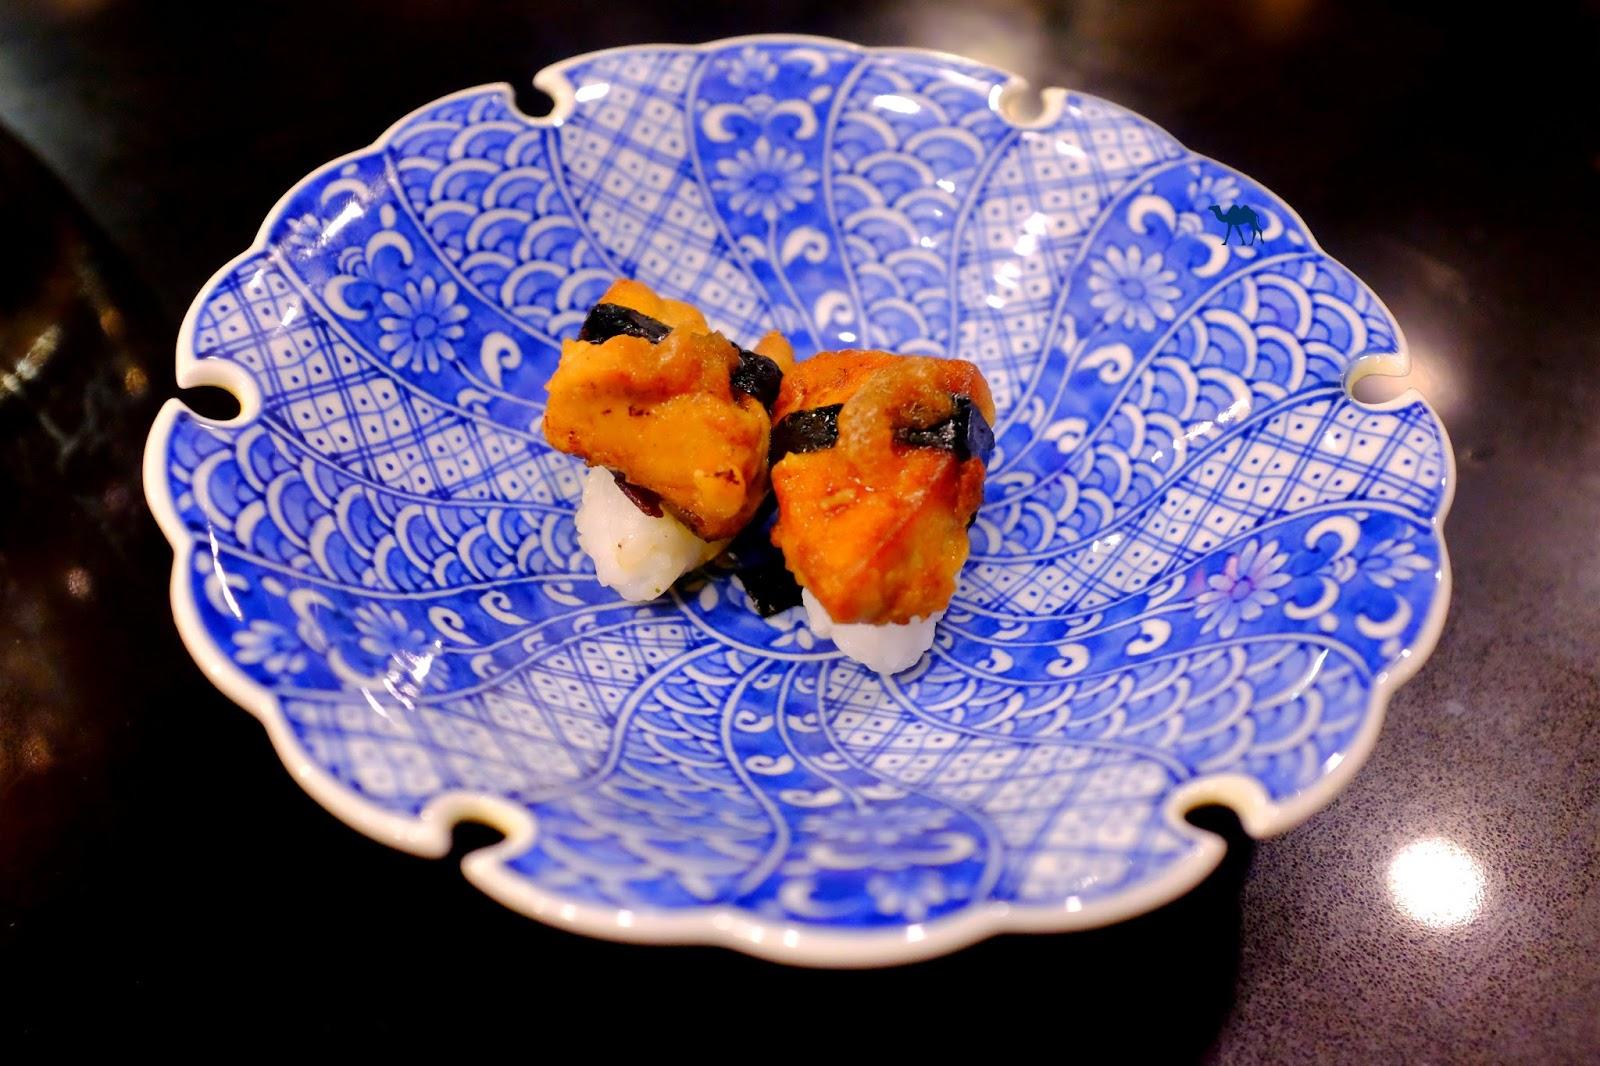 Le Chameau Bleu - sushis de foie gras poêlé- Guilo Guilo Restaurant Japonais à Paris